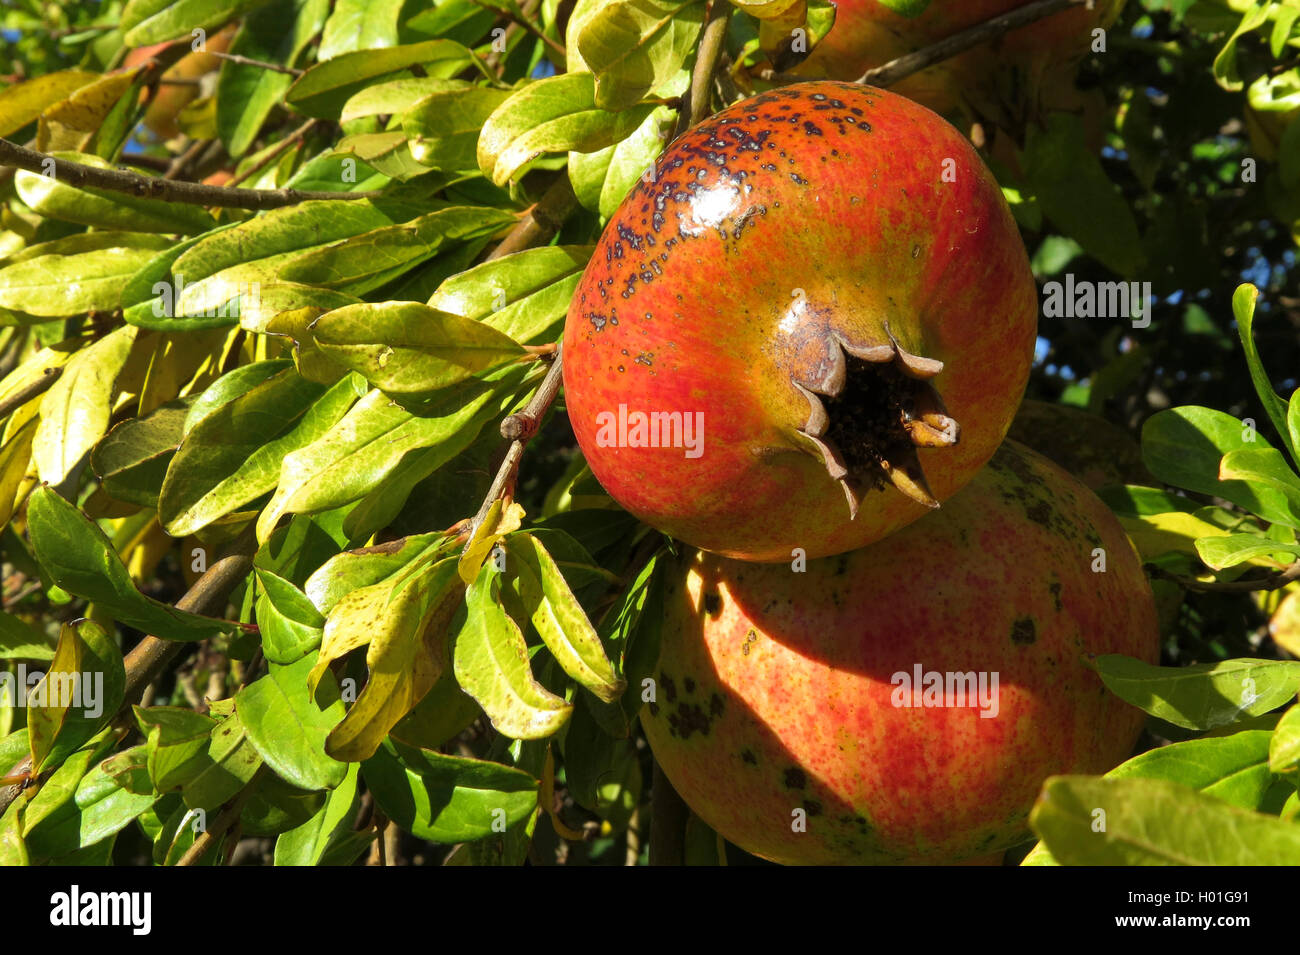 Granatapfel, Granat-Apfel (Punica granatum), Granataepfel am Baum, Spanien | pomegranate, anar (Punica granatum), - Stock Image